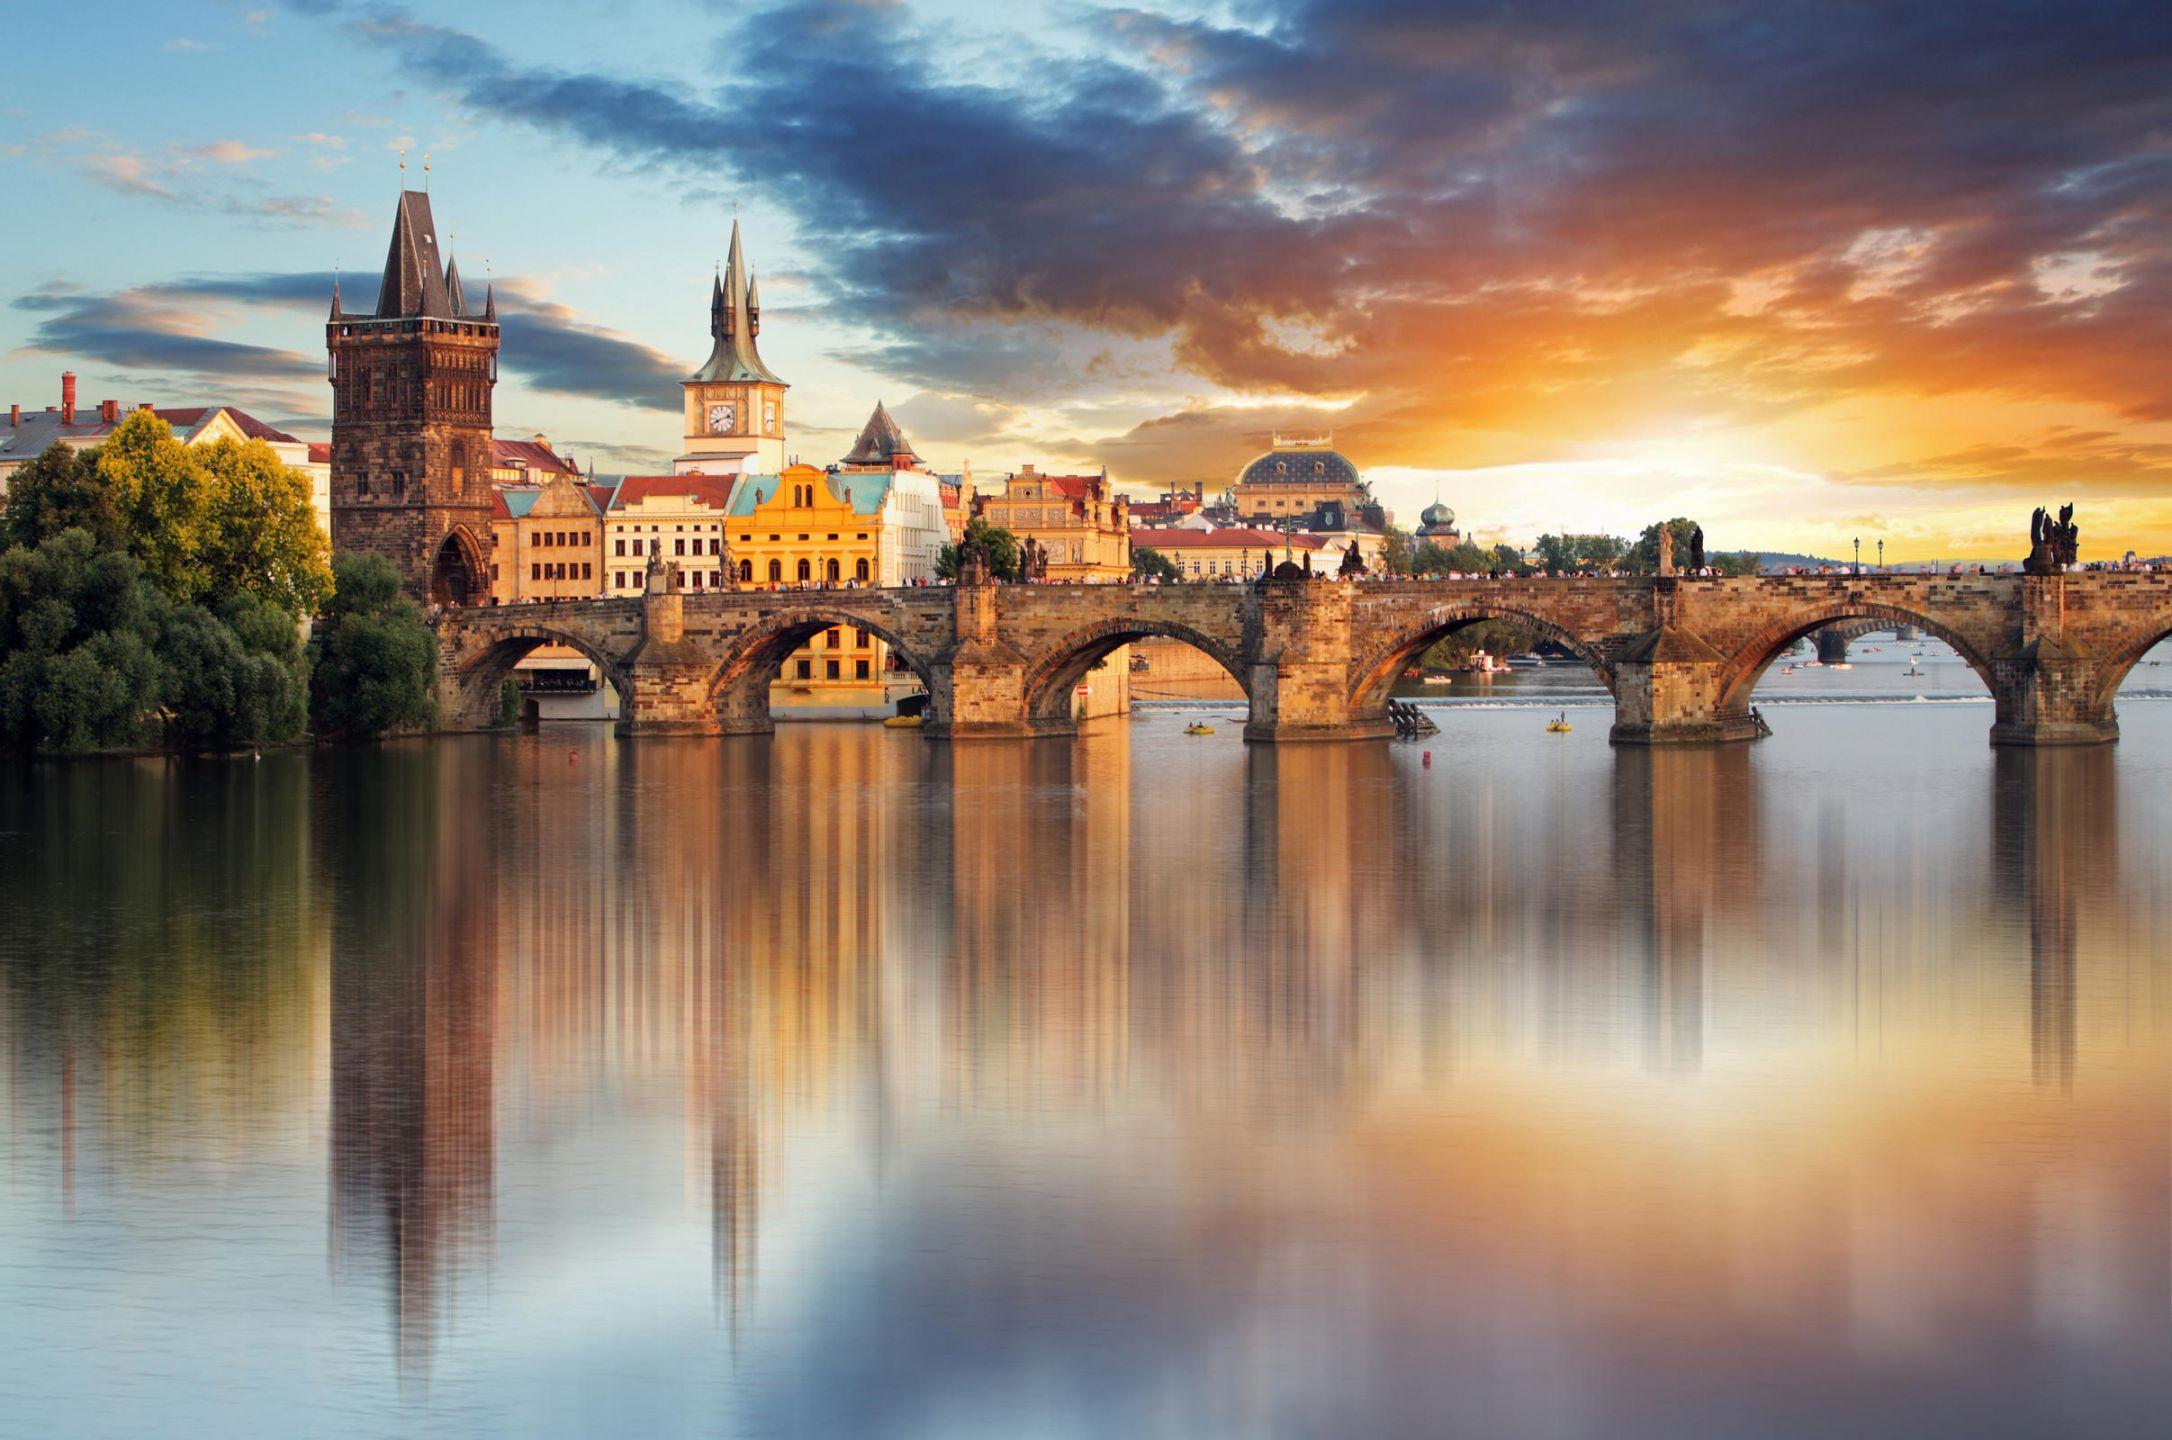 Η Πράγα είναι η πρωτεύουσα και μεγαλύτερη πόλη της Τσεχίας. Χτισμένη στον ποταμό Μολδάβα (Vltava), στην κεντρική Βοημία. Αποκαλείται επίσης «η χρυσή πόλη» και «η μητέρα των πόλεων». Από το 1992, το ιστορικό κέντρο της Πράγας ανήκει στον κατάλογο μνημείων παγκόσμιας κληρονομιάς της UNESCO. Σύμφωνα με το θρύλο, η Πράγα ιδρύθηκε από την Πριγκίπισσα Λιμπούσε και το σύζυγό της, Πρέμυσλ, ιδρυτή της ομώνυμης δυναστείας. Σύντομα, η πόλη έγινε έδρα των Βασιλέων της Βοημίας και σημαντικότατο εμπορικό κέντρο για όλη την Ευρώπη.